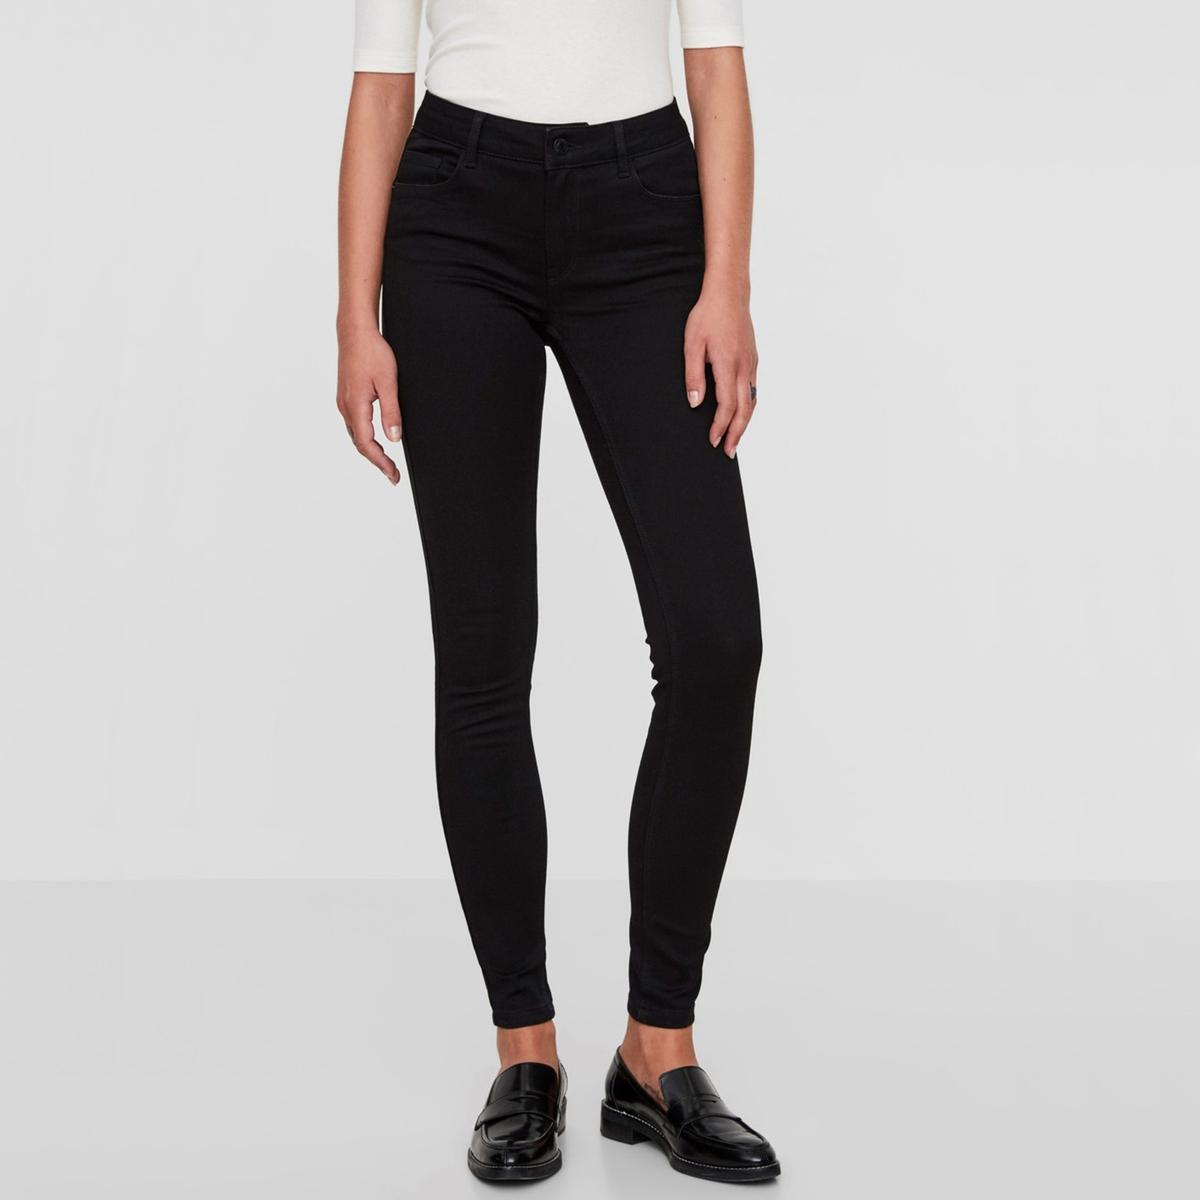 Джинсы узкие с эффектом пуш-ап, длина 32 patrizia pepe джинсы пуш ап